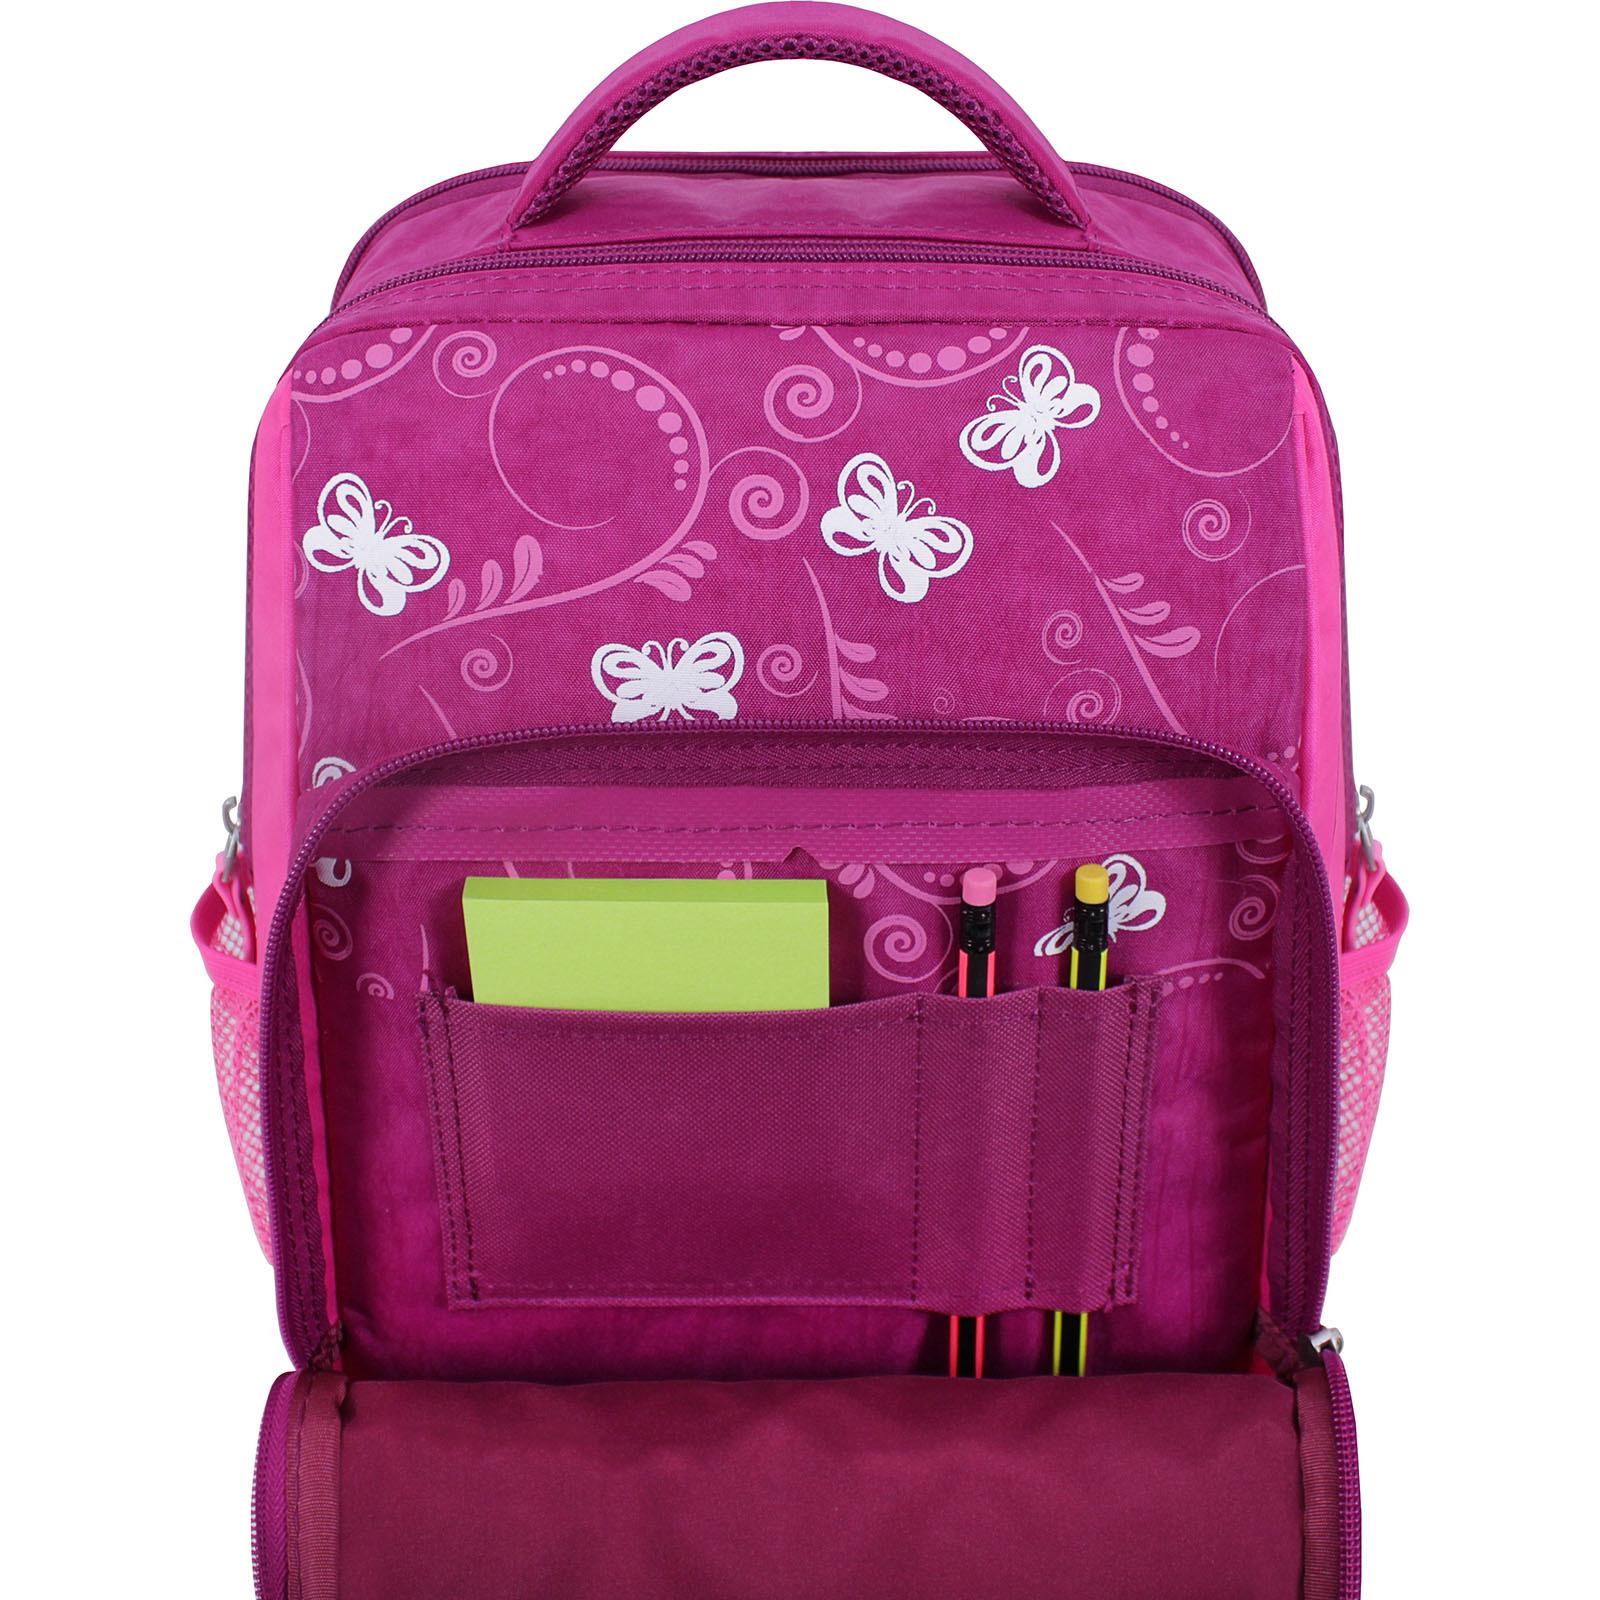 Рюкзак школьный Bagland Школьник 8 л. 143 малина 615 (00112702) фото 3